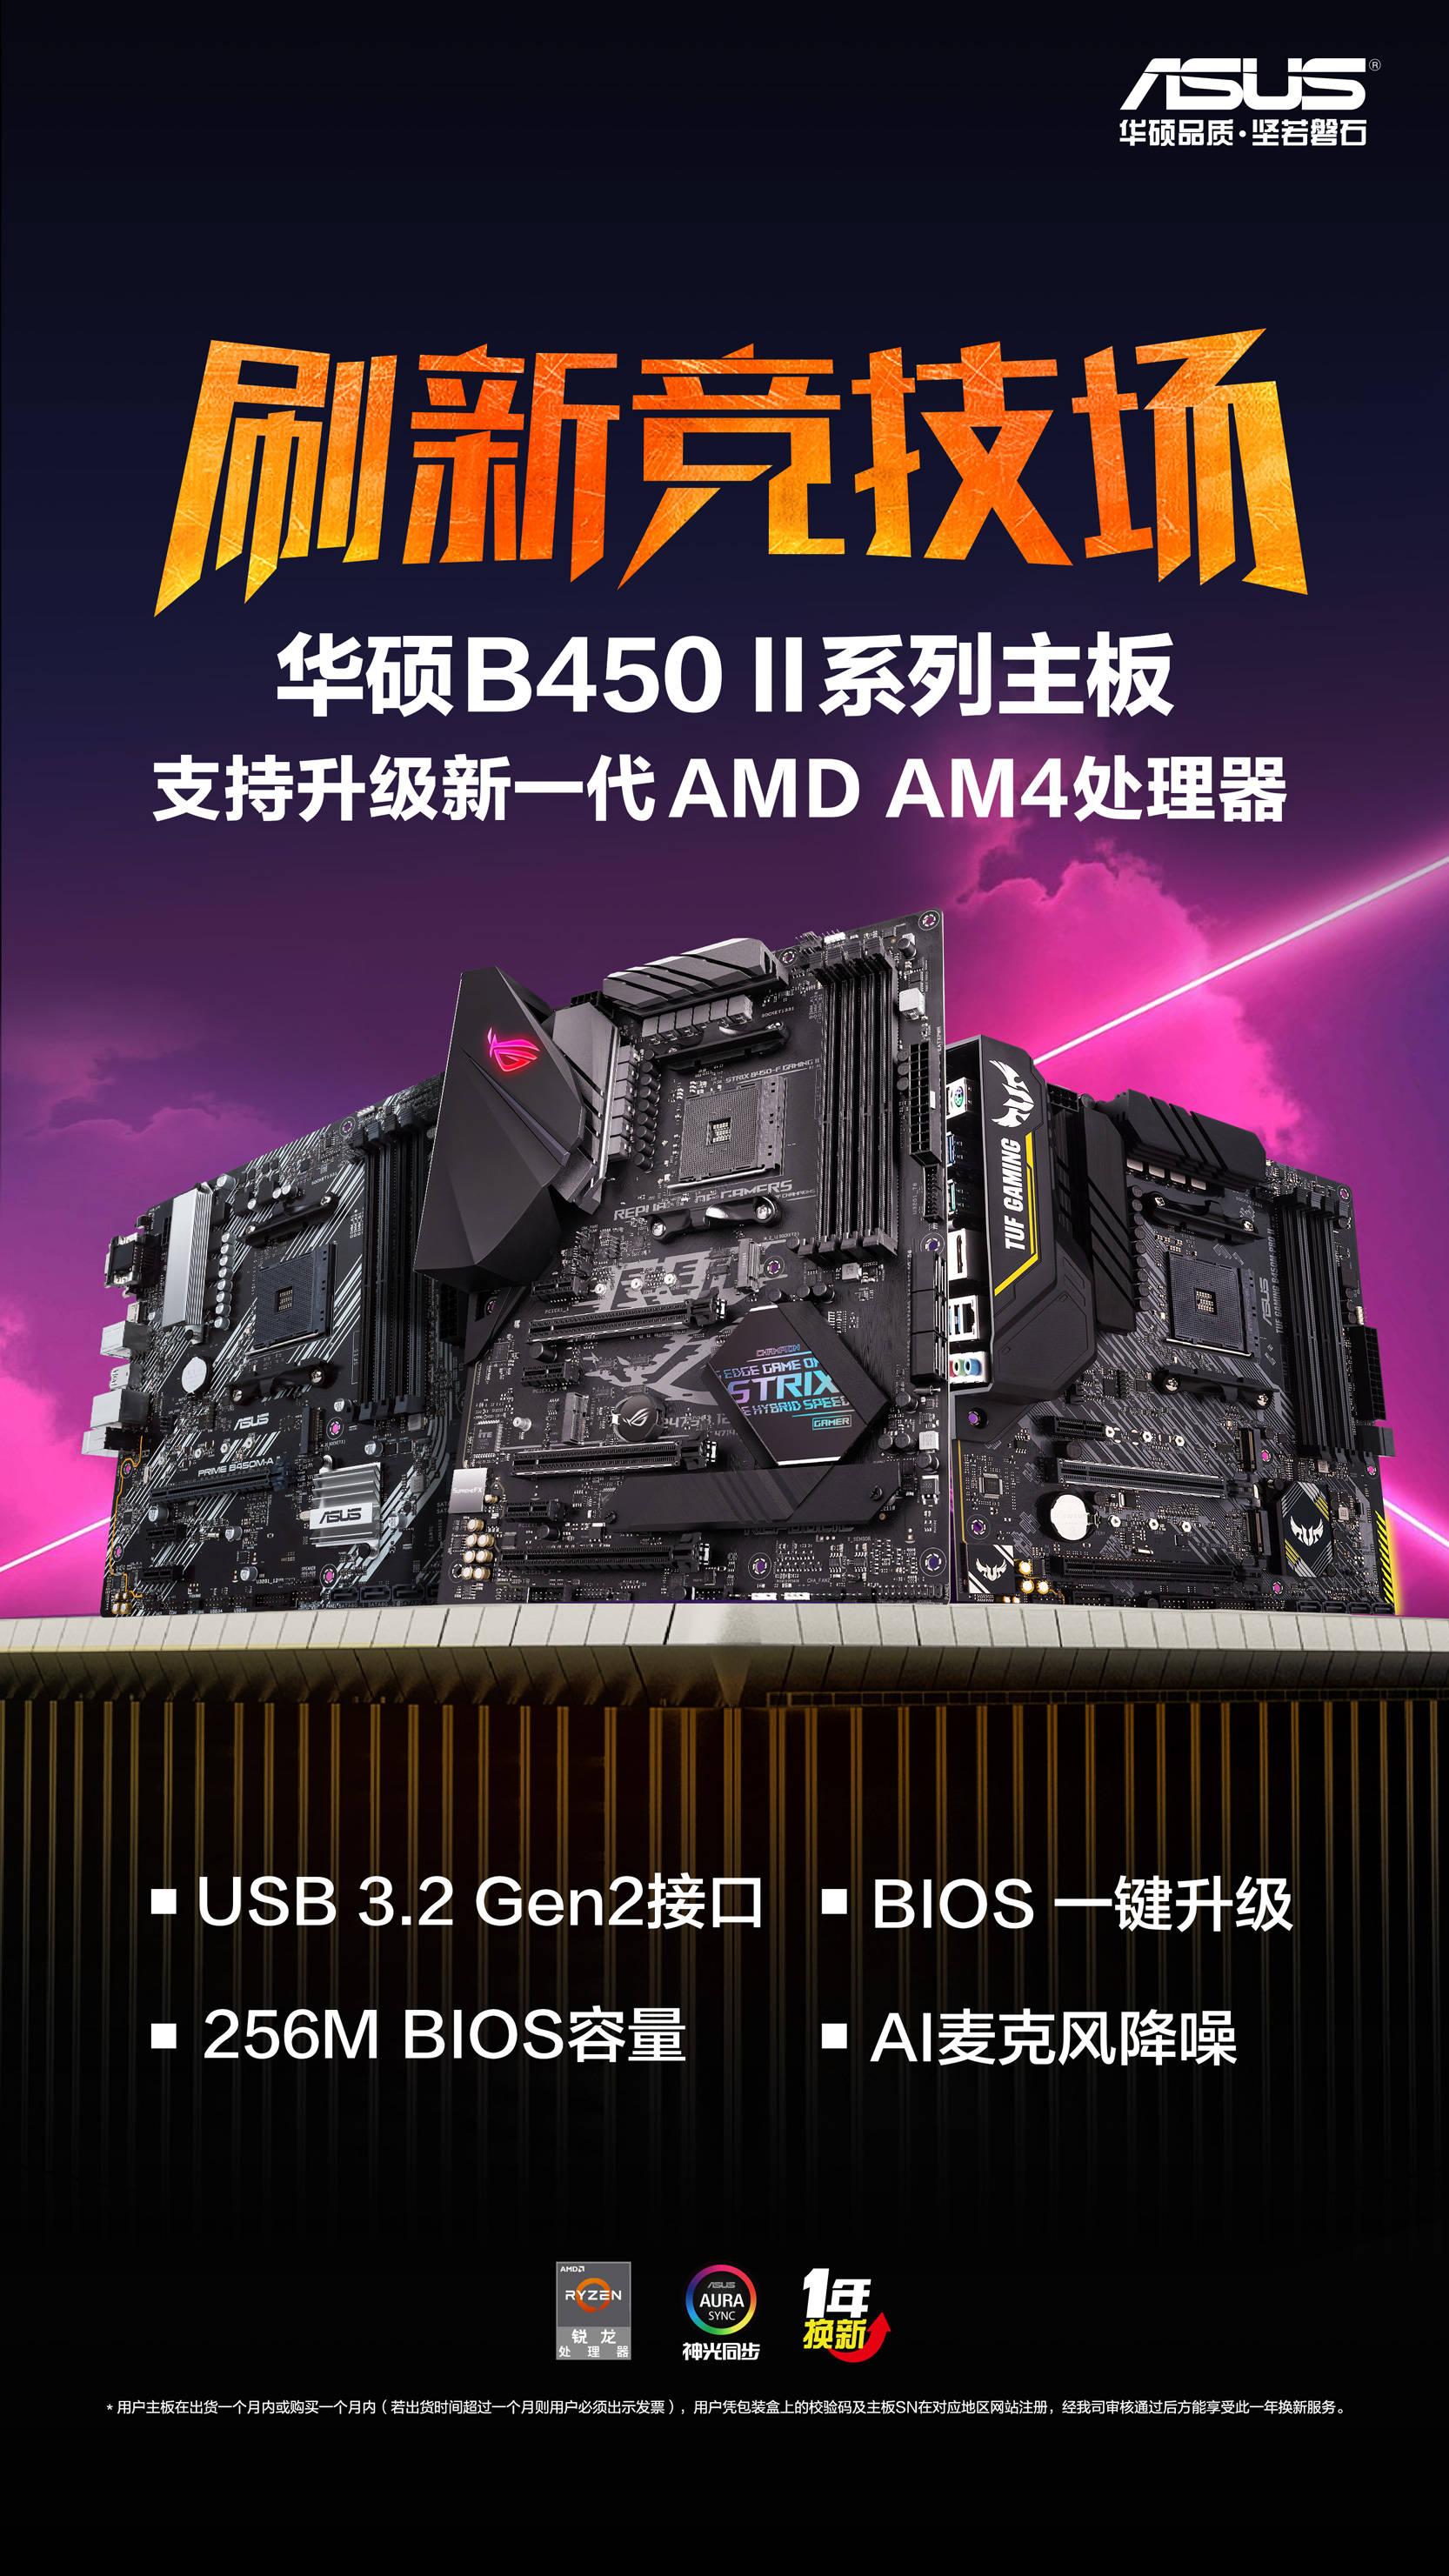 刷新竞技场 华硕B450 II系列主板重磅发布